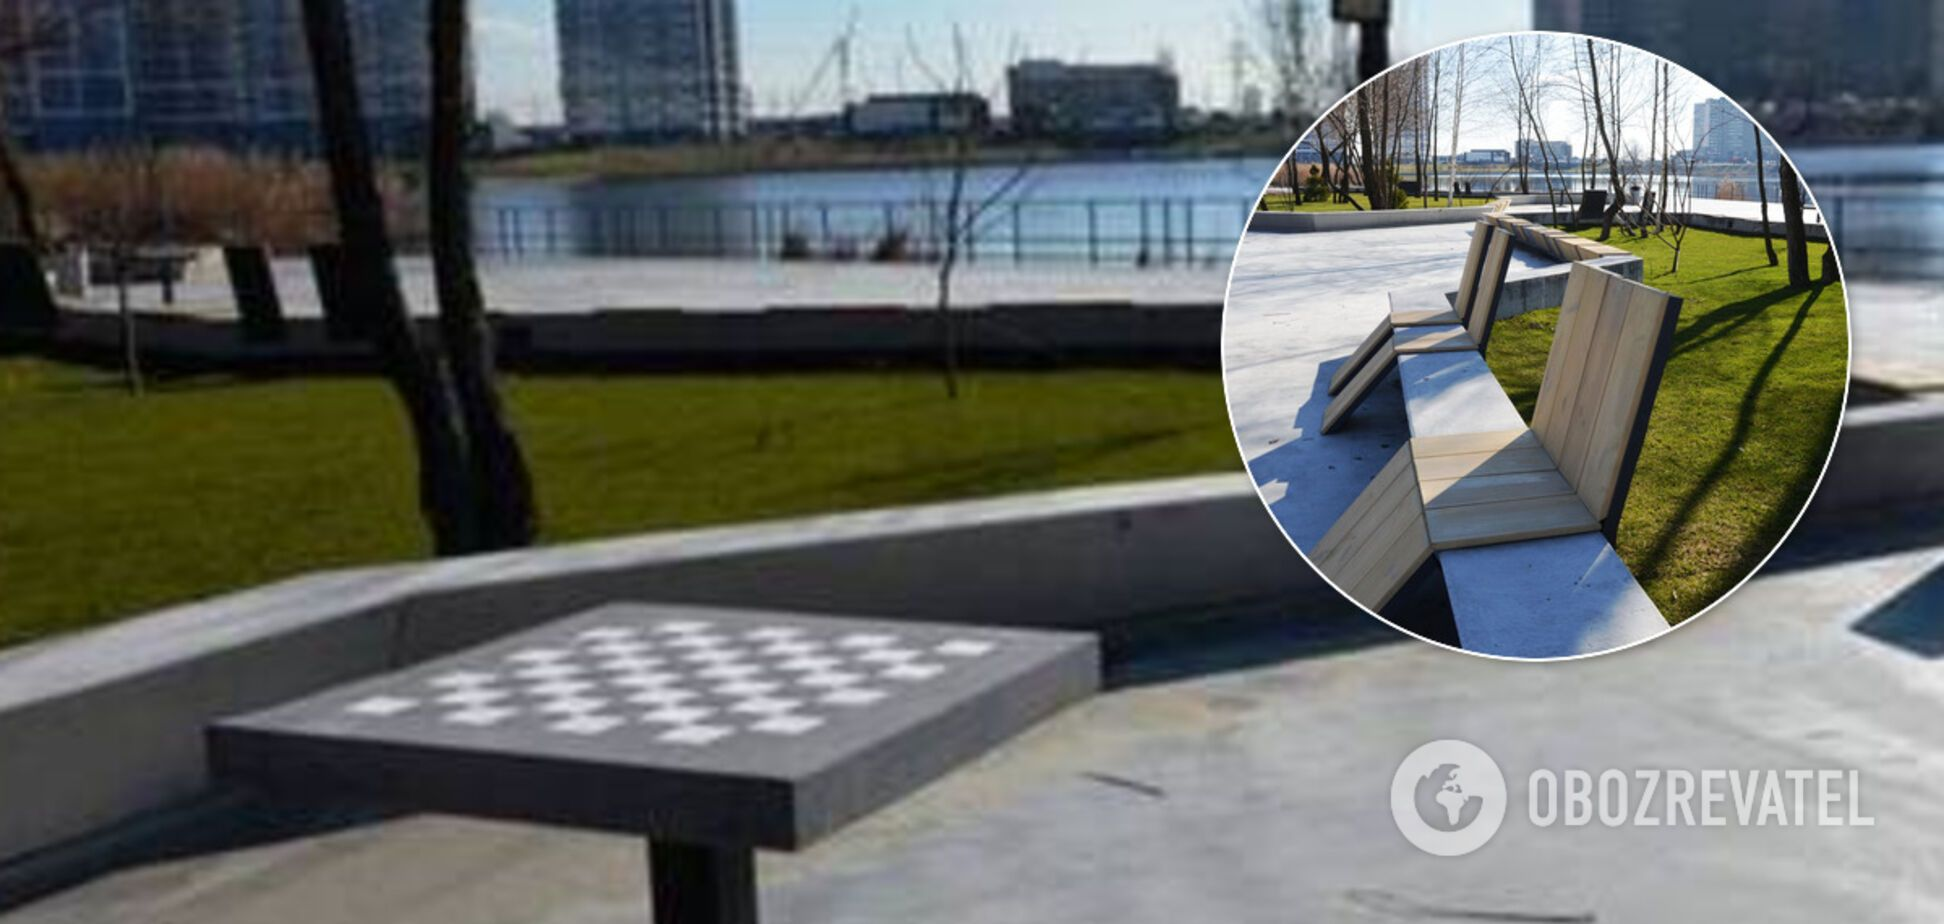 У київському парку розбили нові шахові дошки з бетону за 10 тисяч. Фото